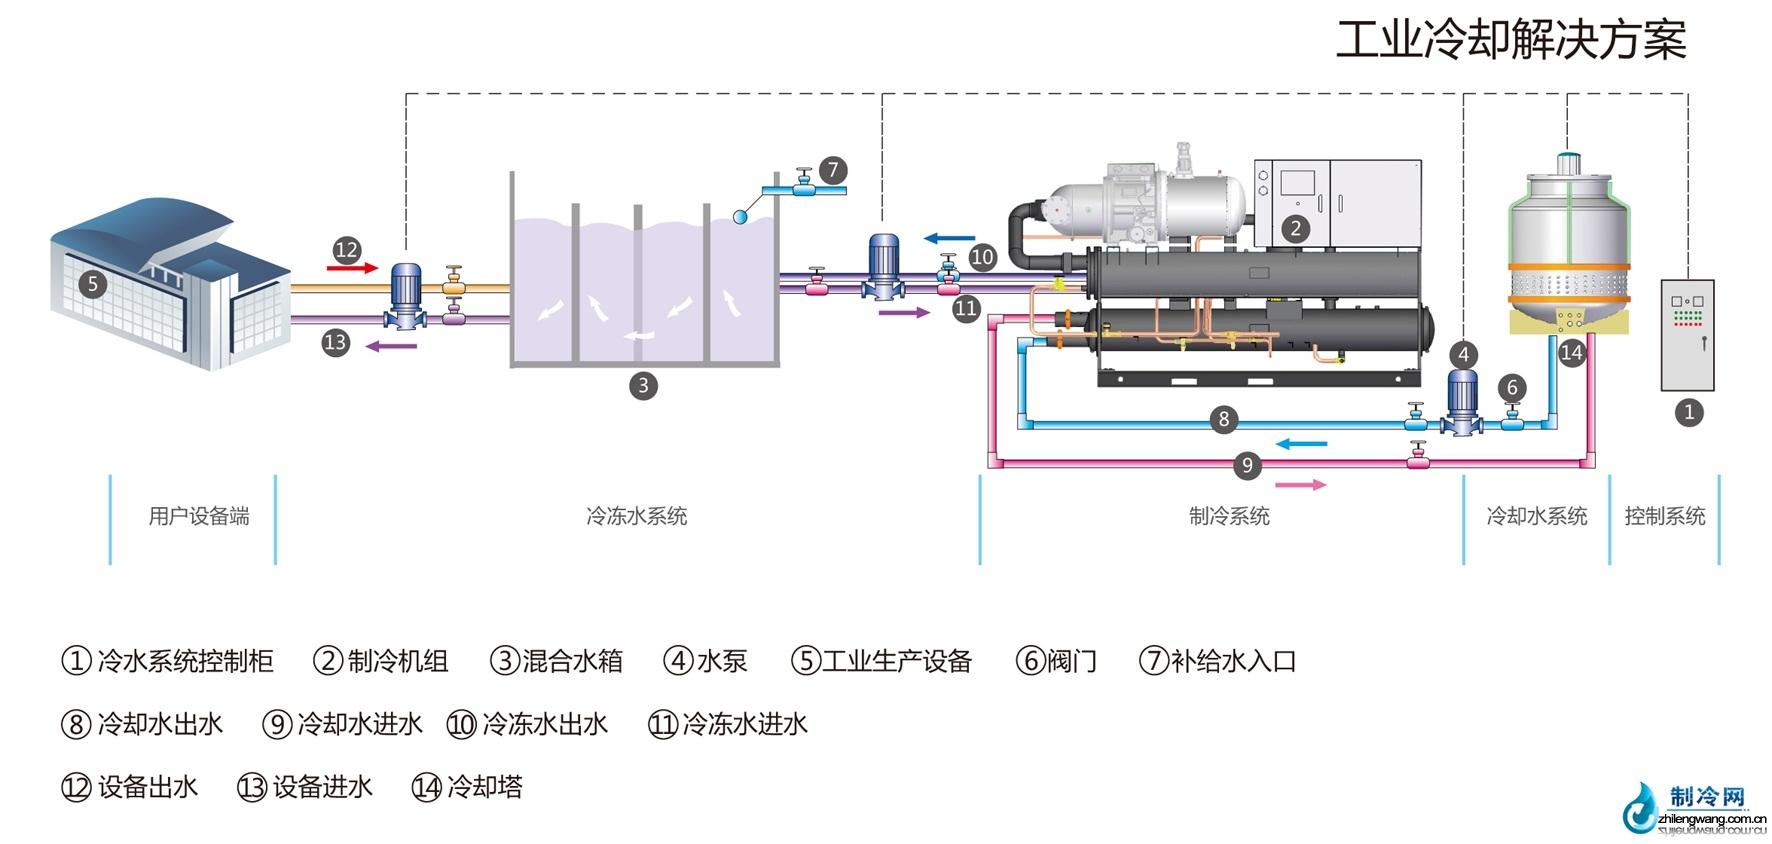 大型制冷机组工业制冷解决方案